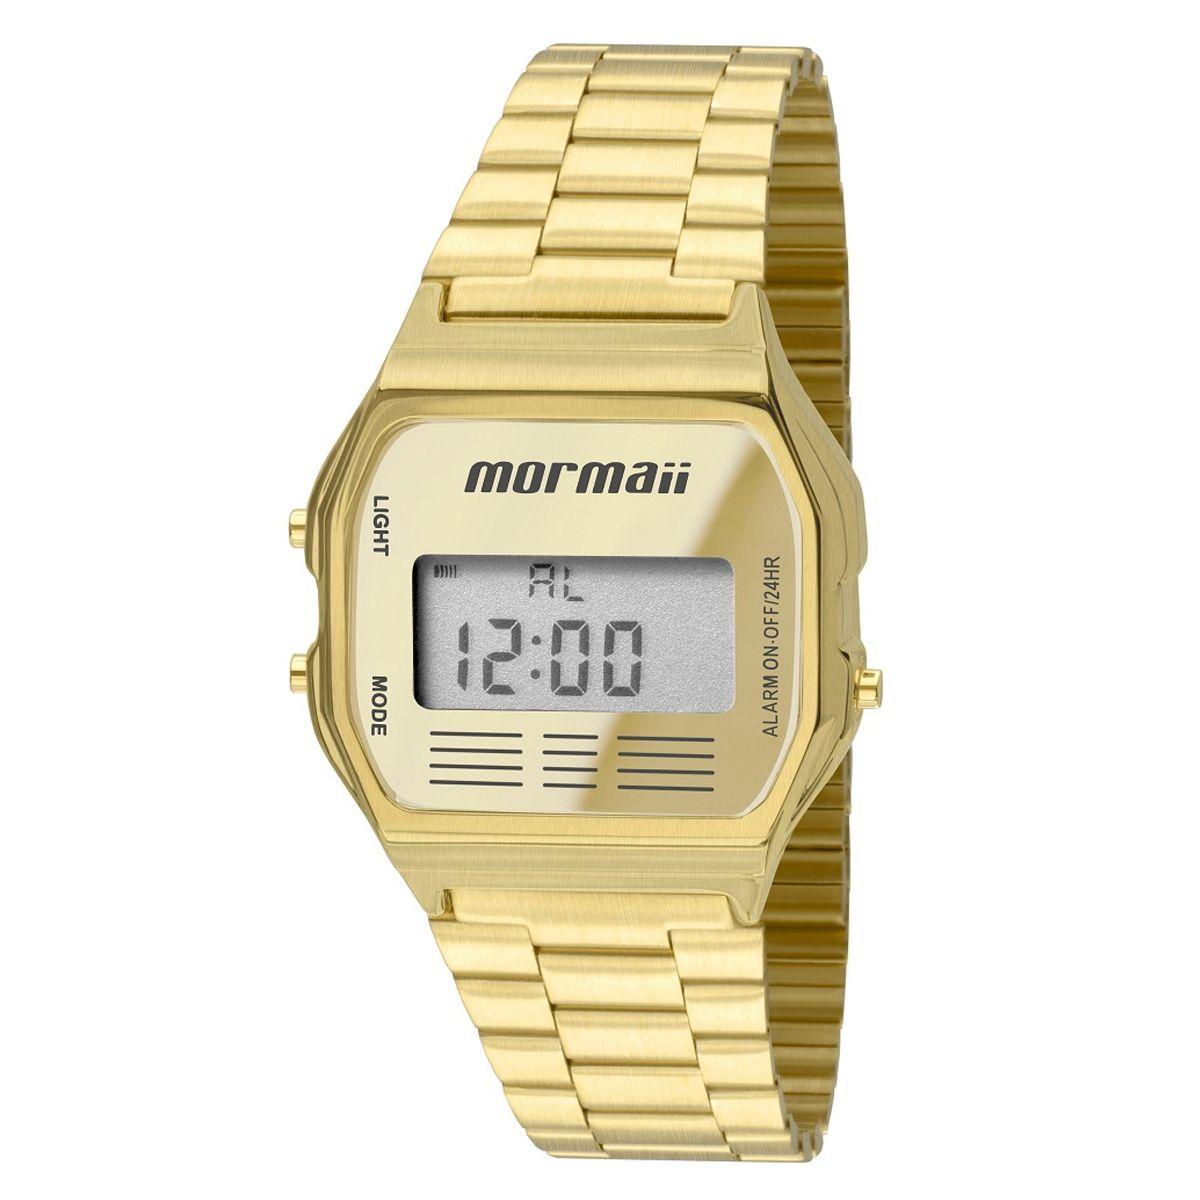 Relógio Mormaii Feminino Vintage Dourado Digital MOJH02AB/4D